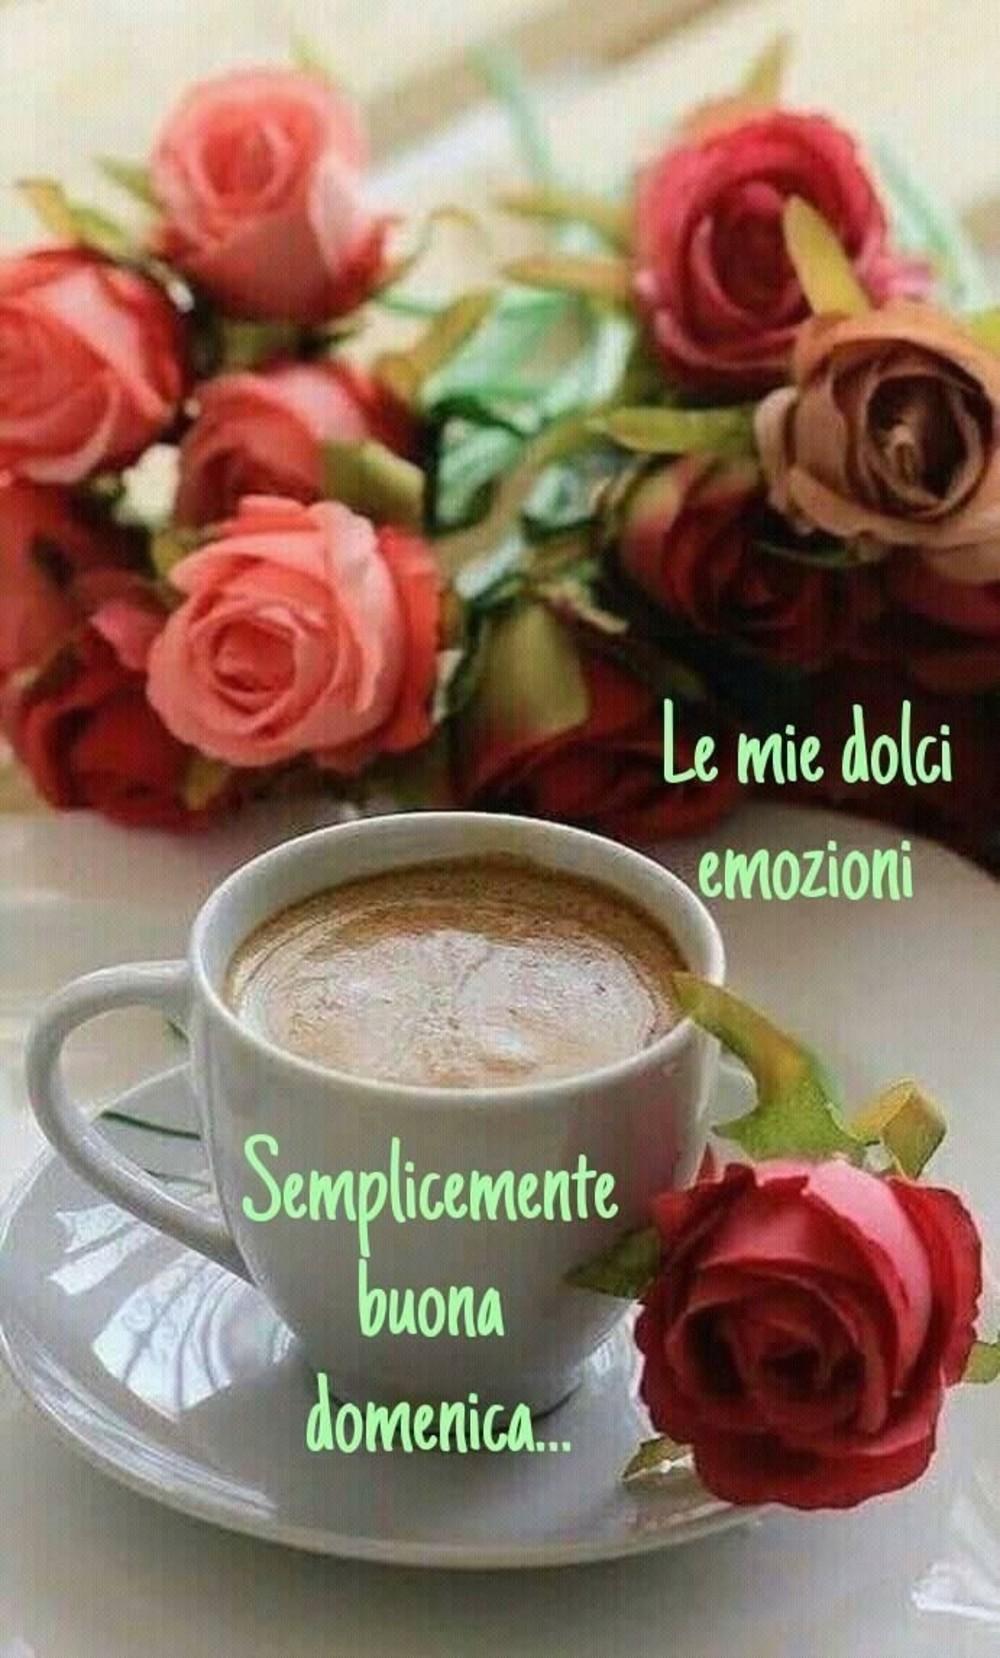 Immagini Buona Domenica Caffe 5 Fotowhatsapp It